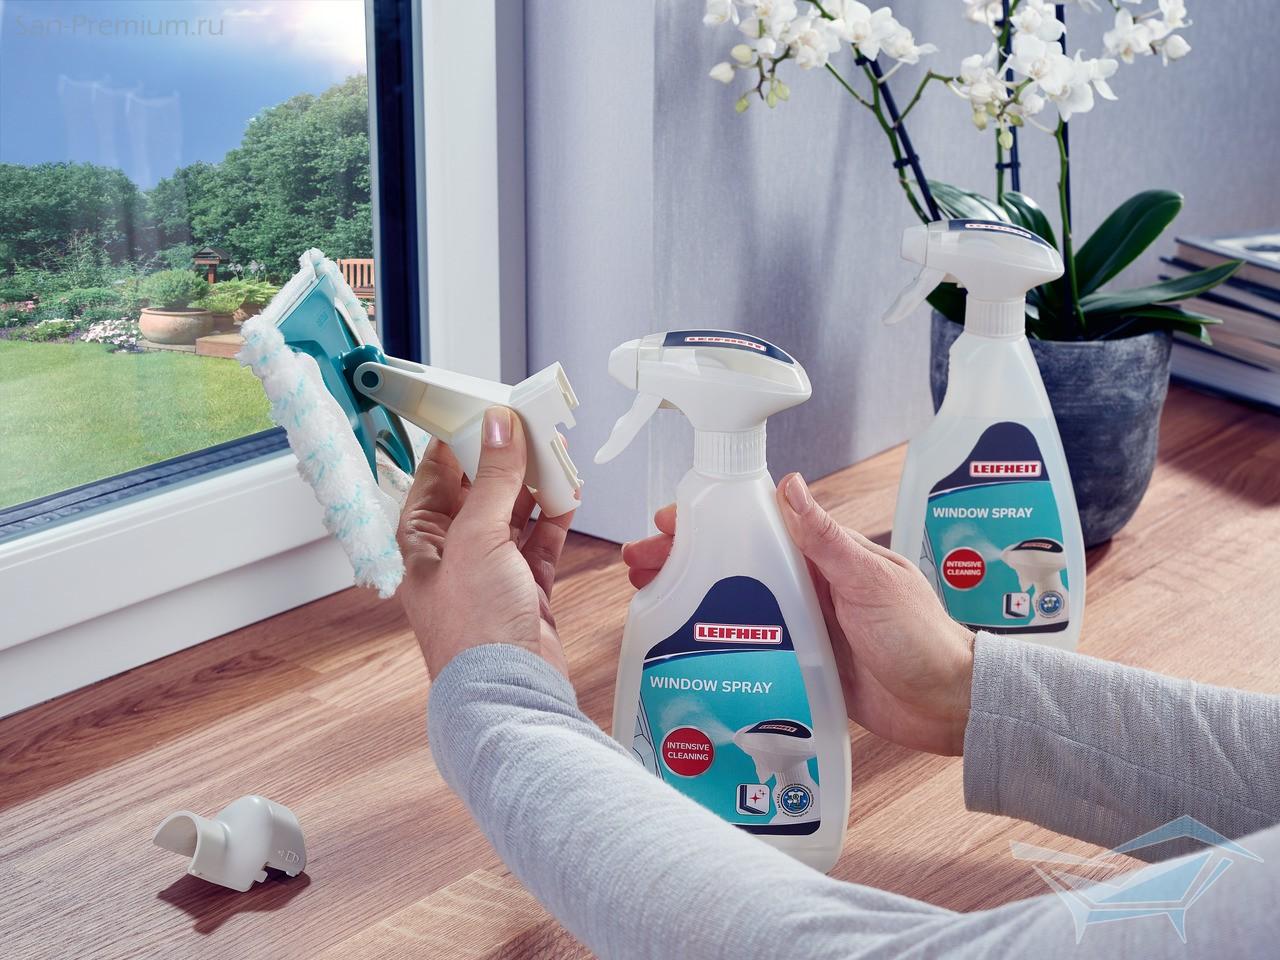 Пять секретов чистоты: полезные идеи для уборки дома